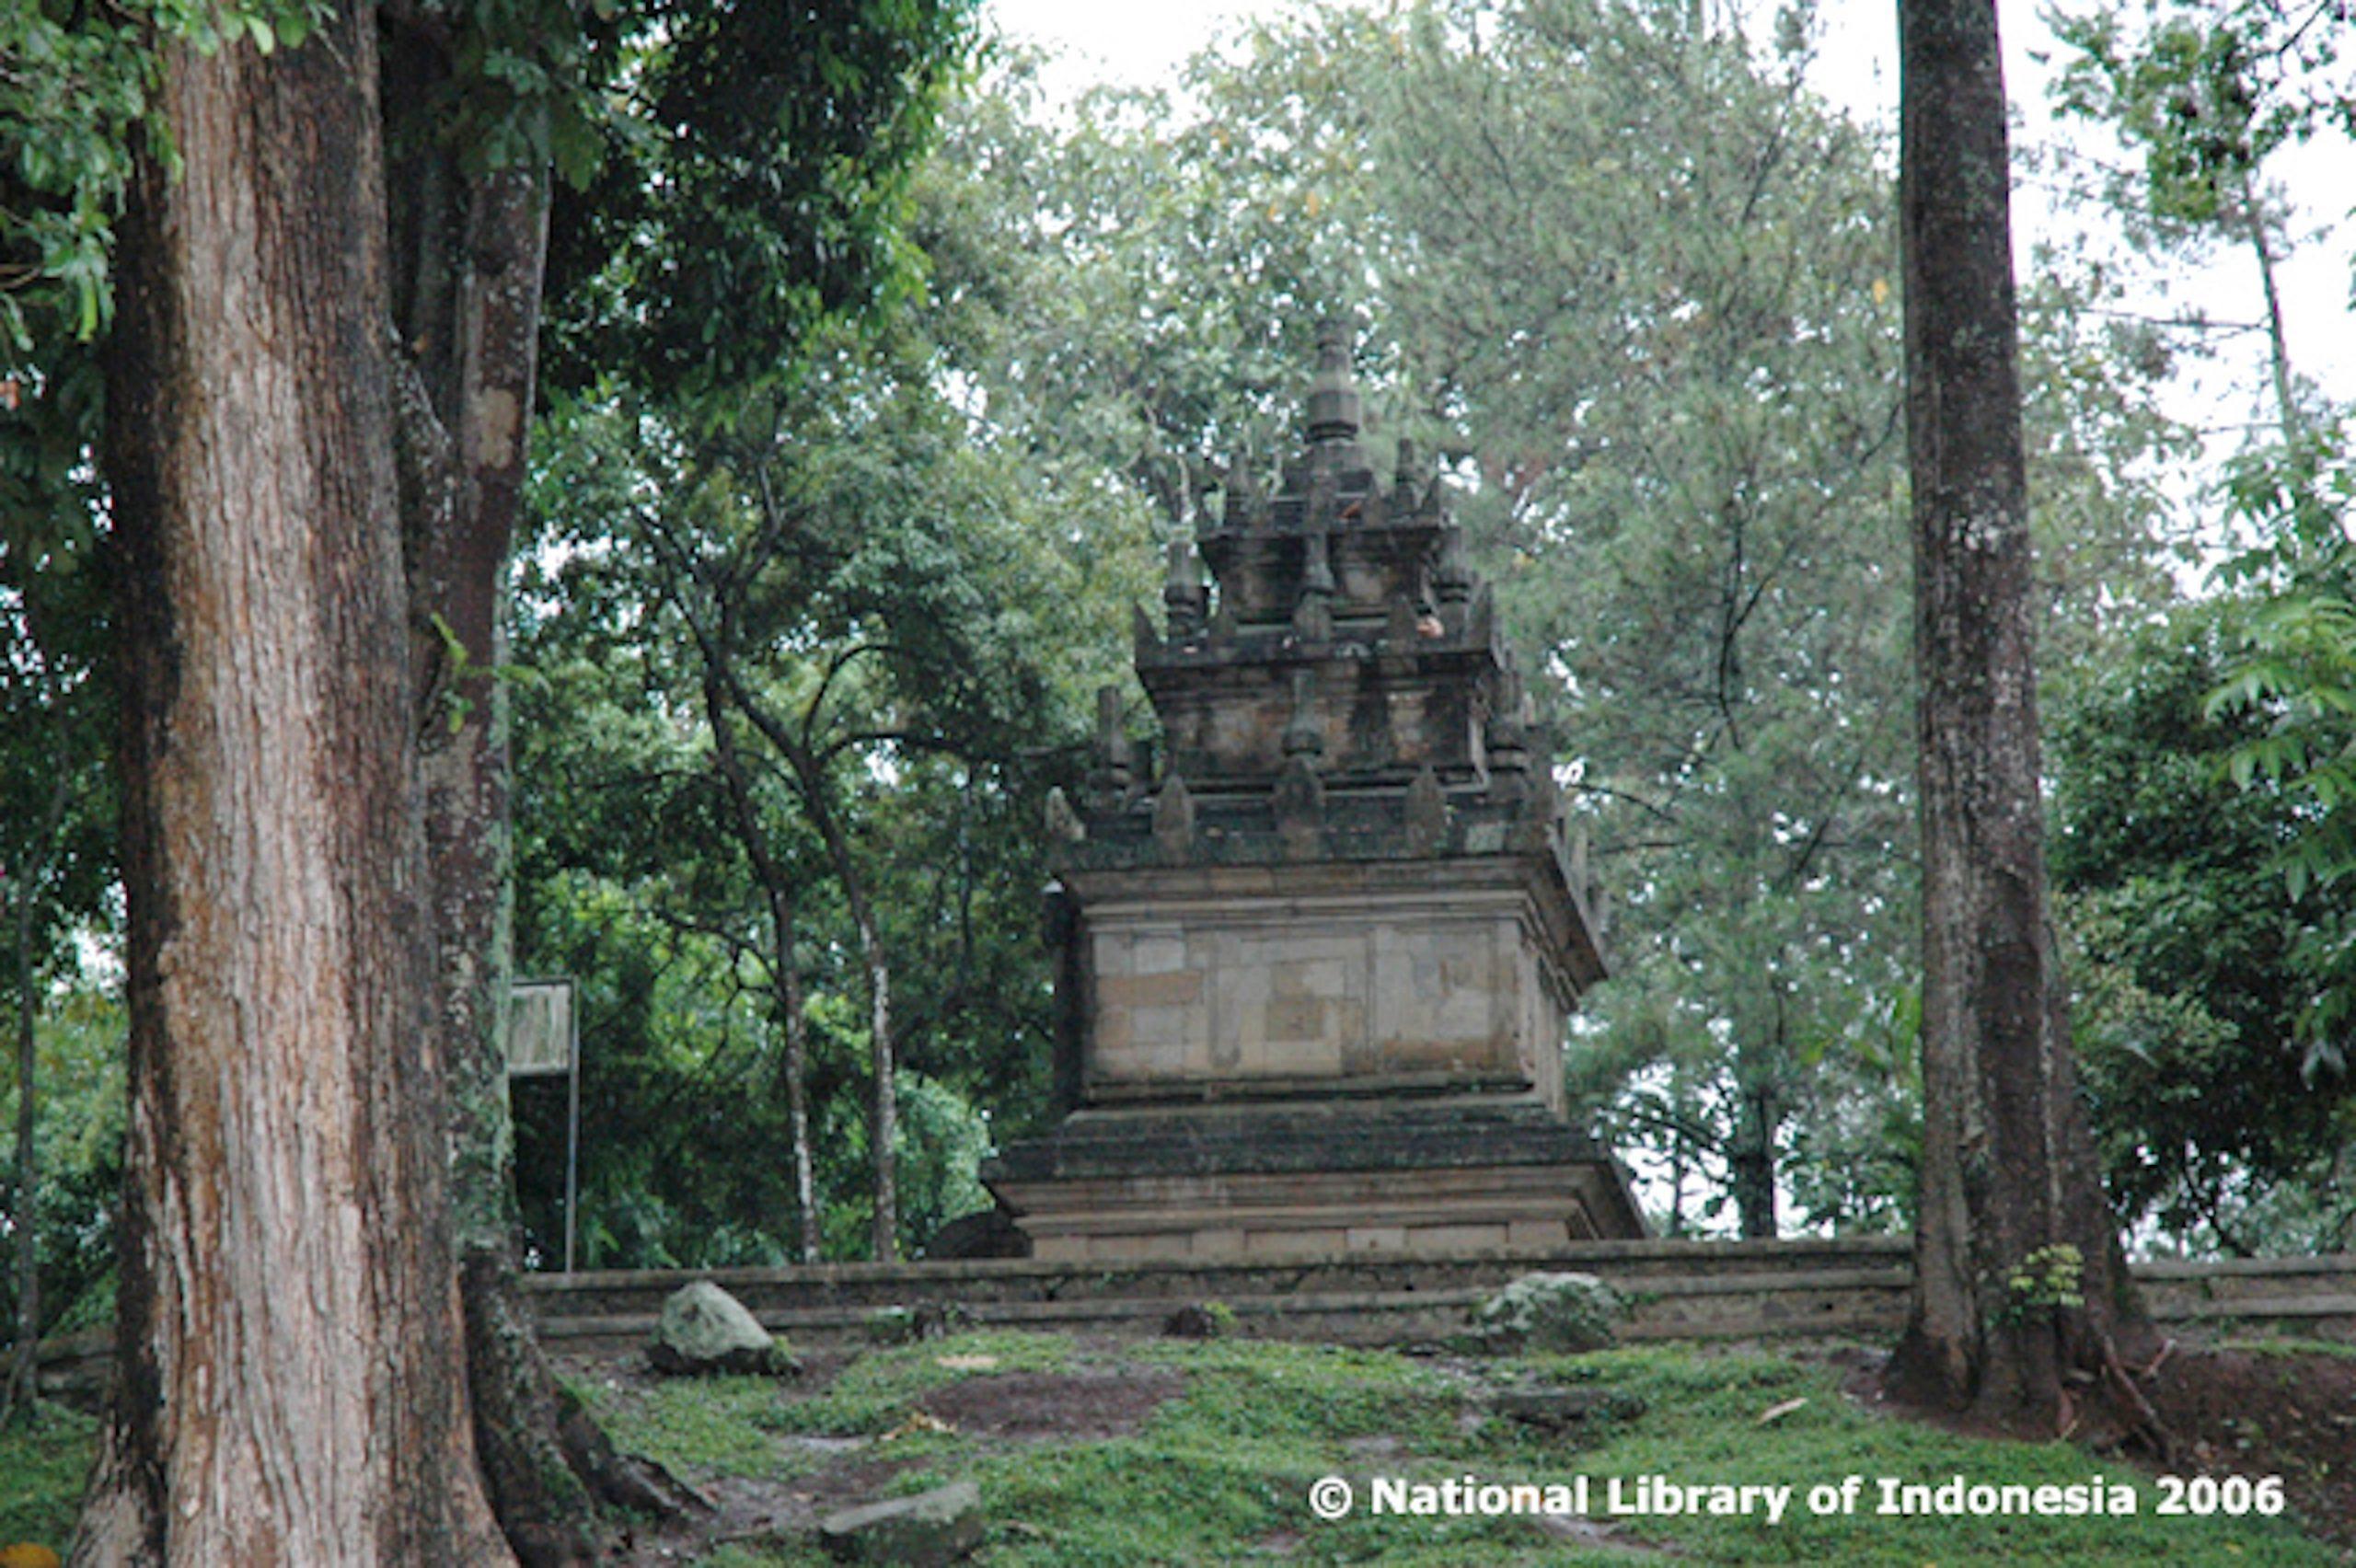 Kerajaan Sundo Kuno merupakan peninggalan jejak peradaban Nusantara